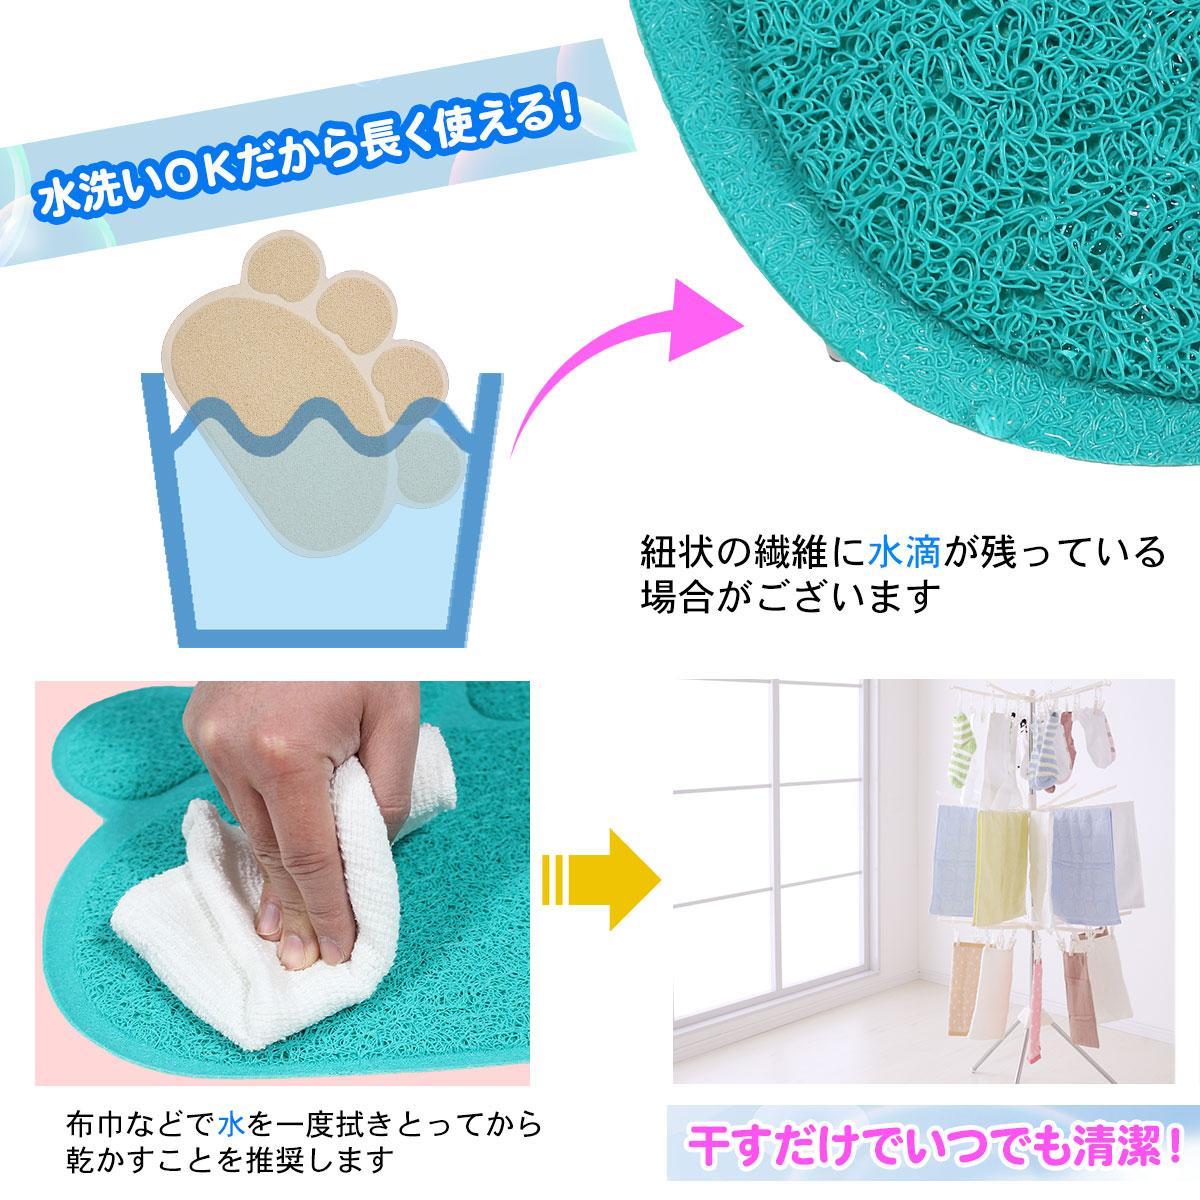 ペット用 ランチョンマット トイレマット エサ皿 マット お食事マット 玄関マット 肉球型 Lサイズ